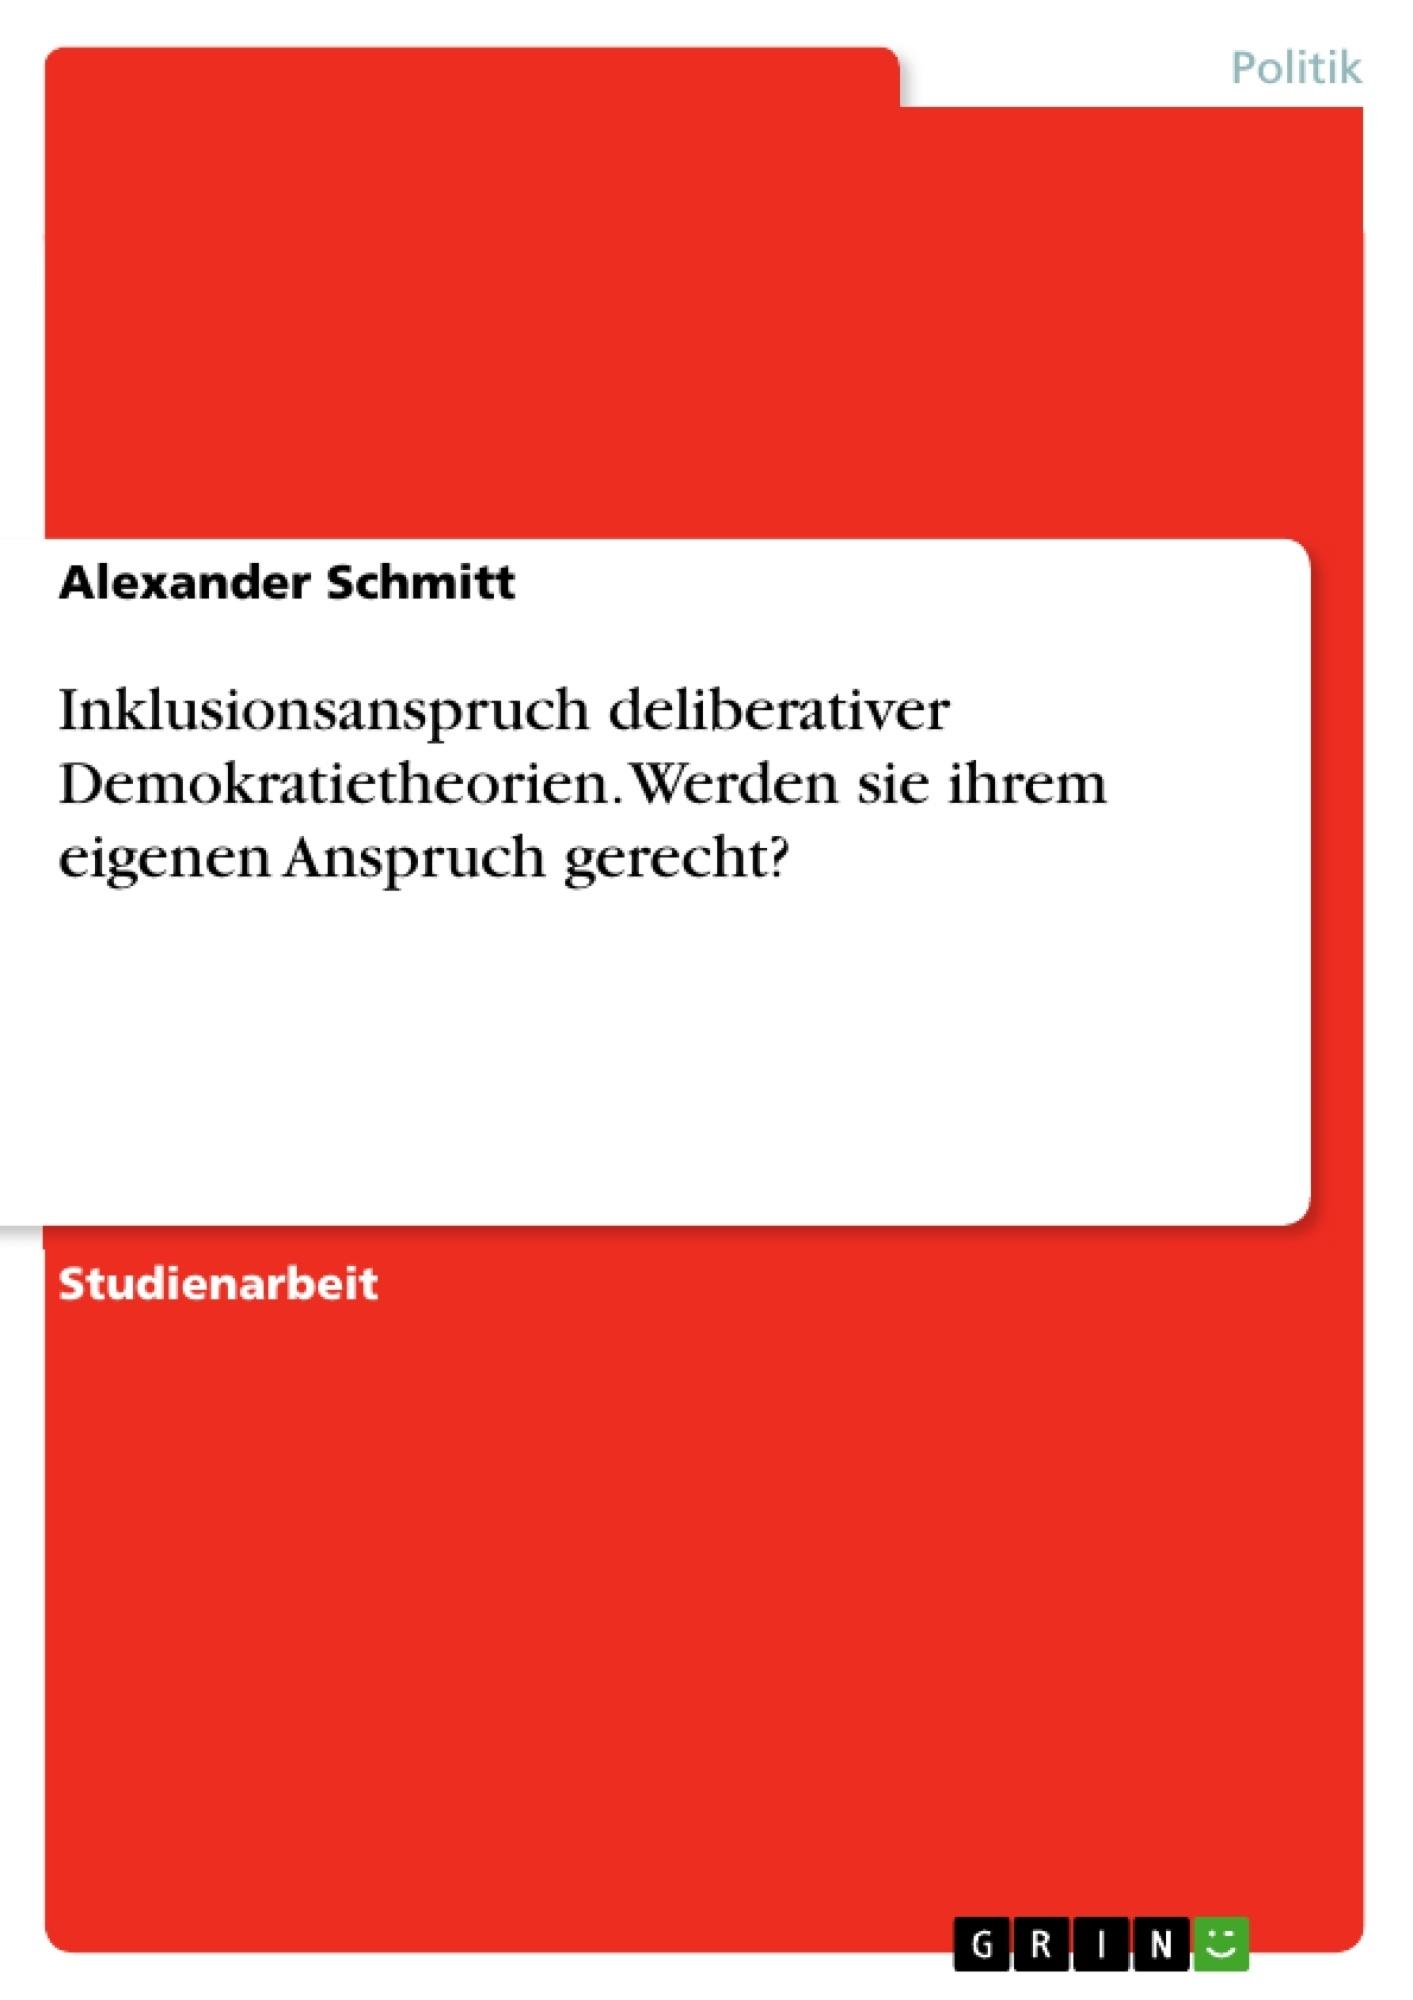 Titel: Inklusionsanspruch deliberativer Demokratietheorien. Werden sie ihrem eigenen Anspruch gerecht?